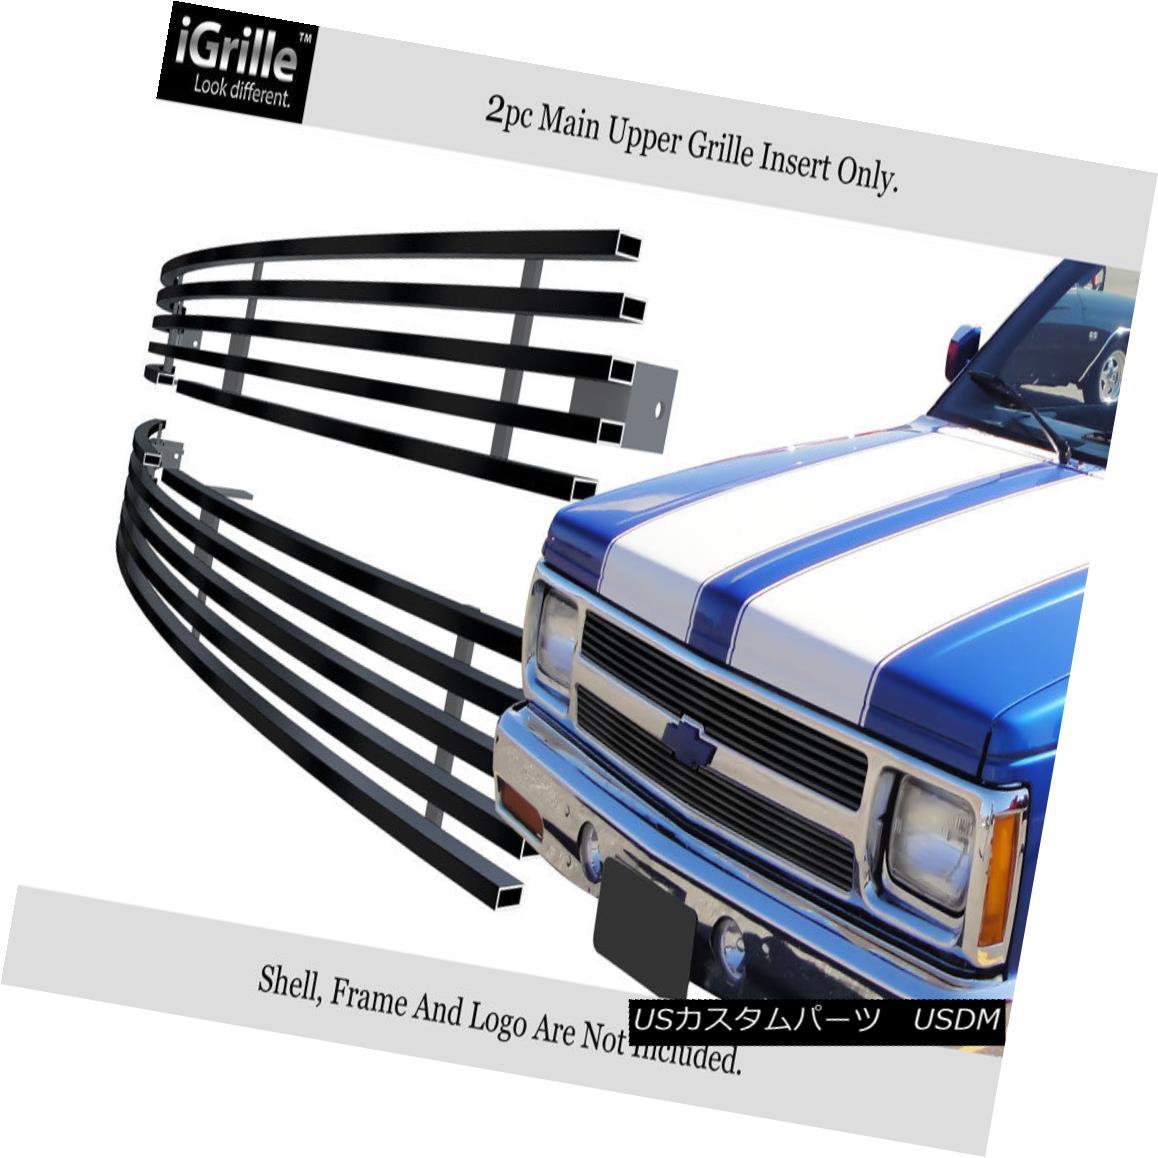 グリル For 91-92 Chevy S10 /91-93 S-10 Blazer Black Stainless Steel Billet Grille 91-92 Chevy S10 / 91-93 S-10ブレイザーブラックステンレススチールビレットグリル